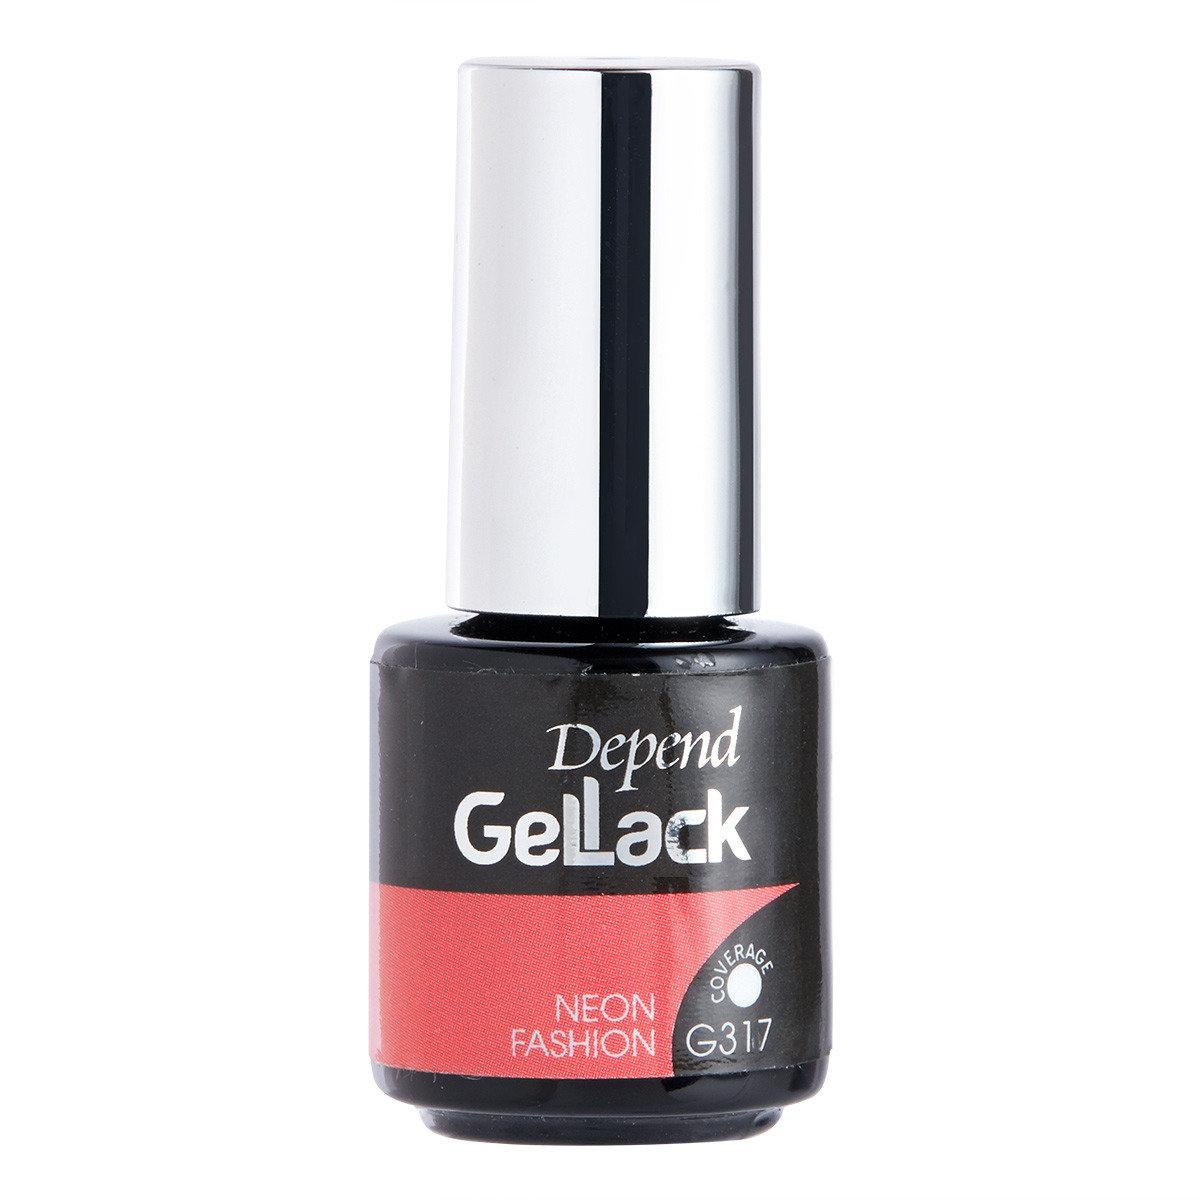 GELLACK指甲油-G317